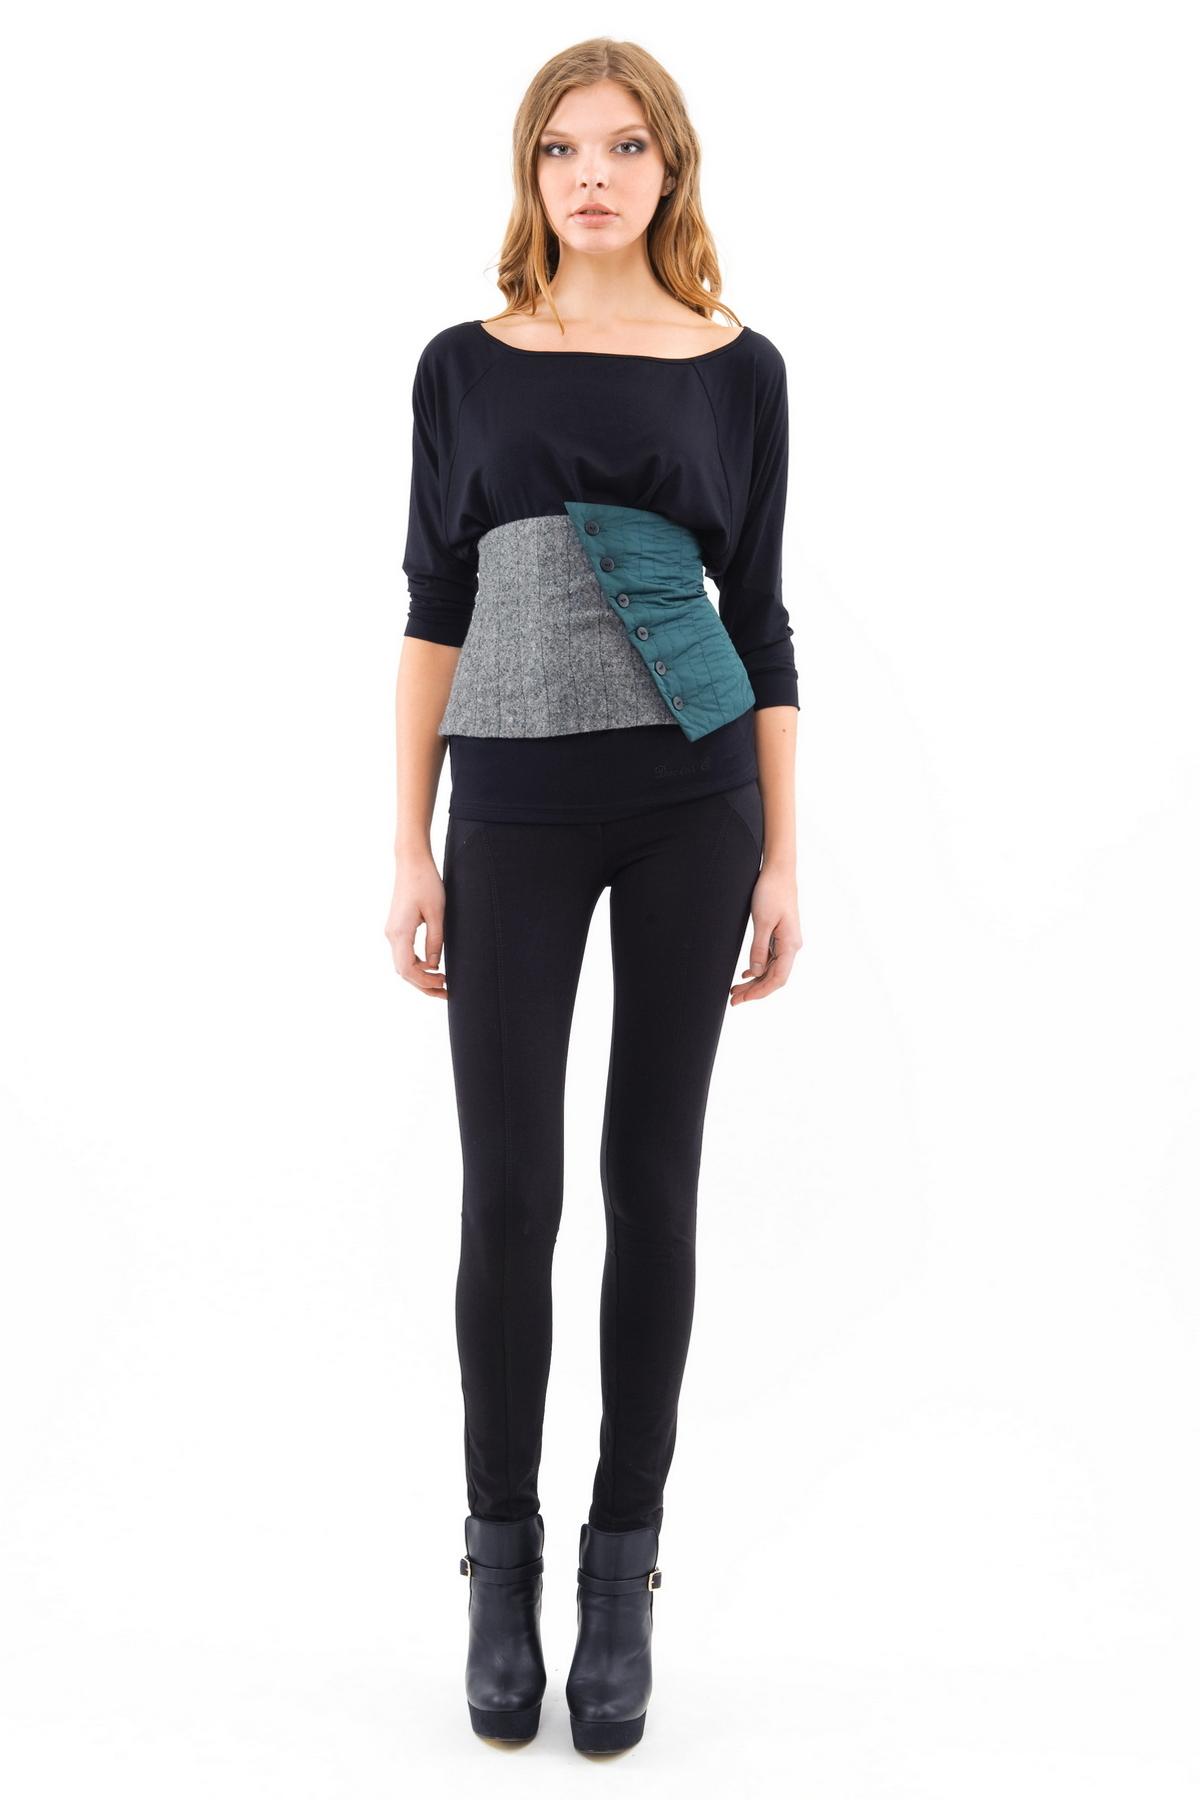 ЖилетЖакеты, жилеты<br>Стильный жилет от марки Doctor E! Оригинальное исполнение поразит Вас.  Вы можете его сочетать с подходящими брюками, юбками или же одевать как самостоятельный элемент гардероба .Приталенный покрой подчеркнет женственность силуэта и скроет недостатки фигу<br><br>Цвет: серый,зеленый<br>Состав: ткань1-100%полиэстер, ткань 2- 70%шерсть, 30%полиэстер, подкладка-100%полиэстер<br>Размер: 44,46,48,50,52,54,56<br>Страна дизайна: Россия<br>Страна производства: Россия